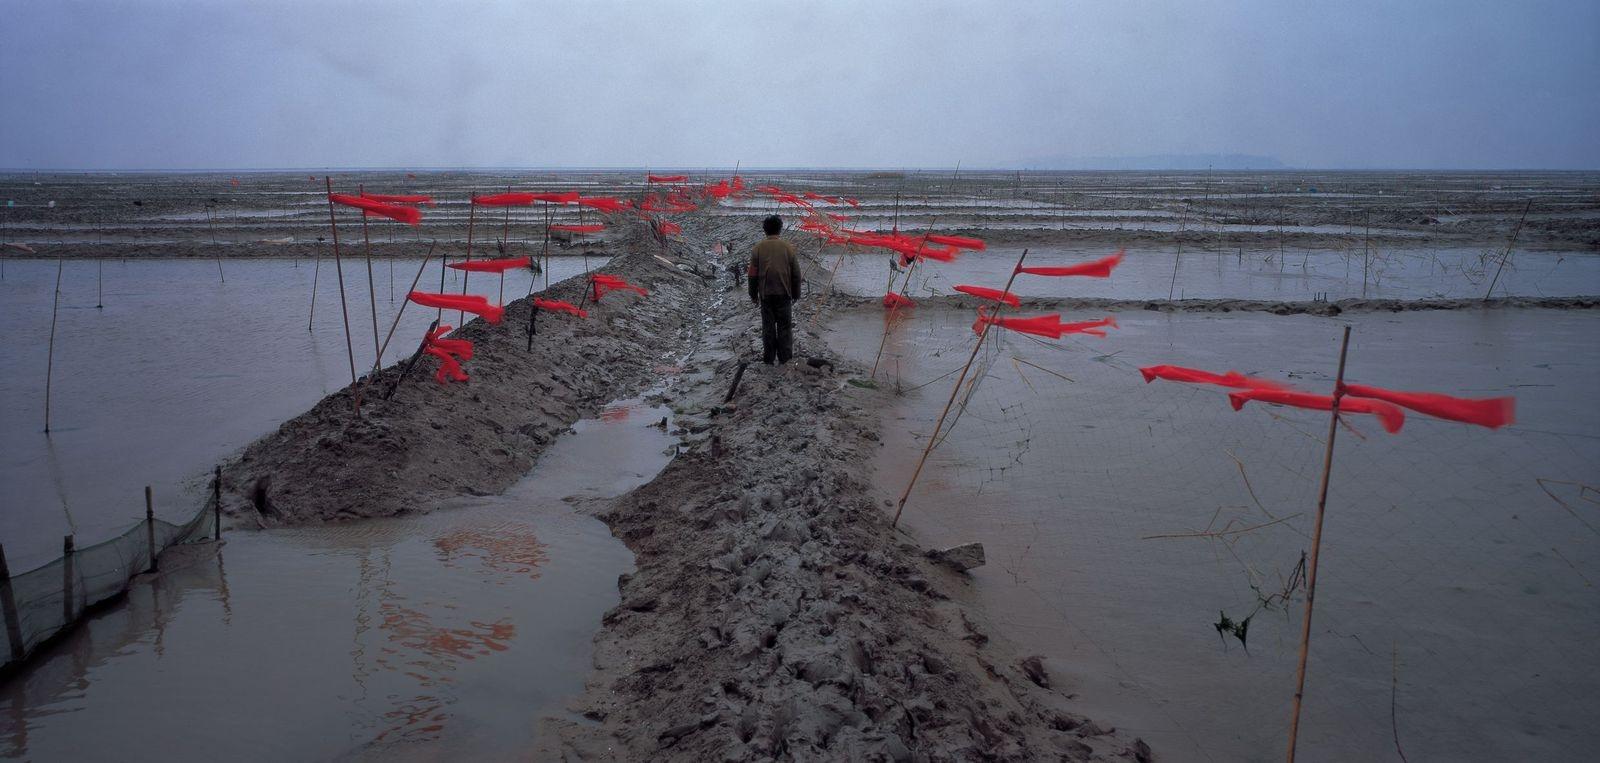 Gao Shiqiang, Red, 2008, hd video image